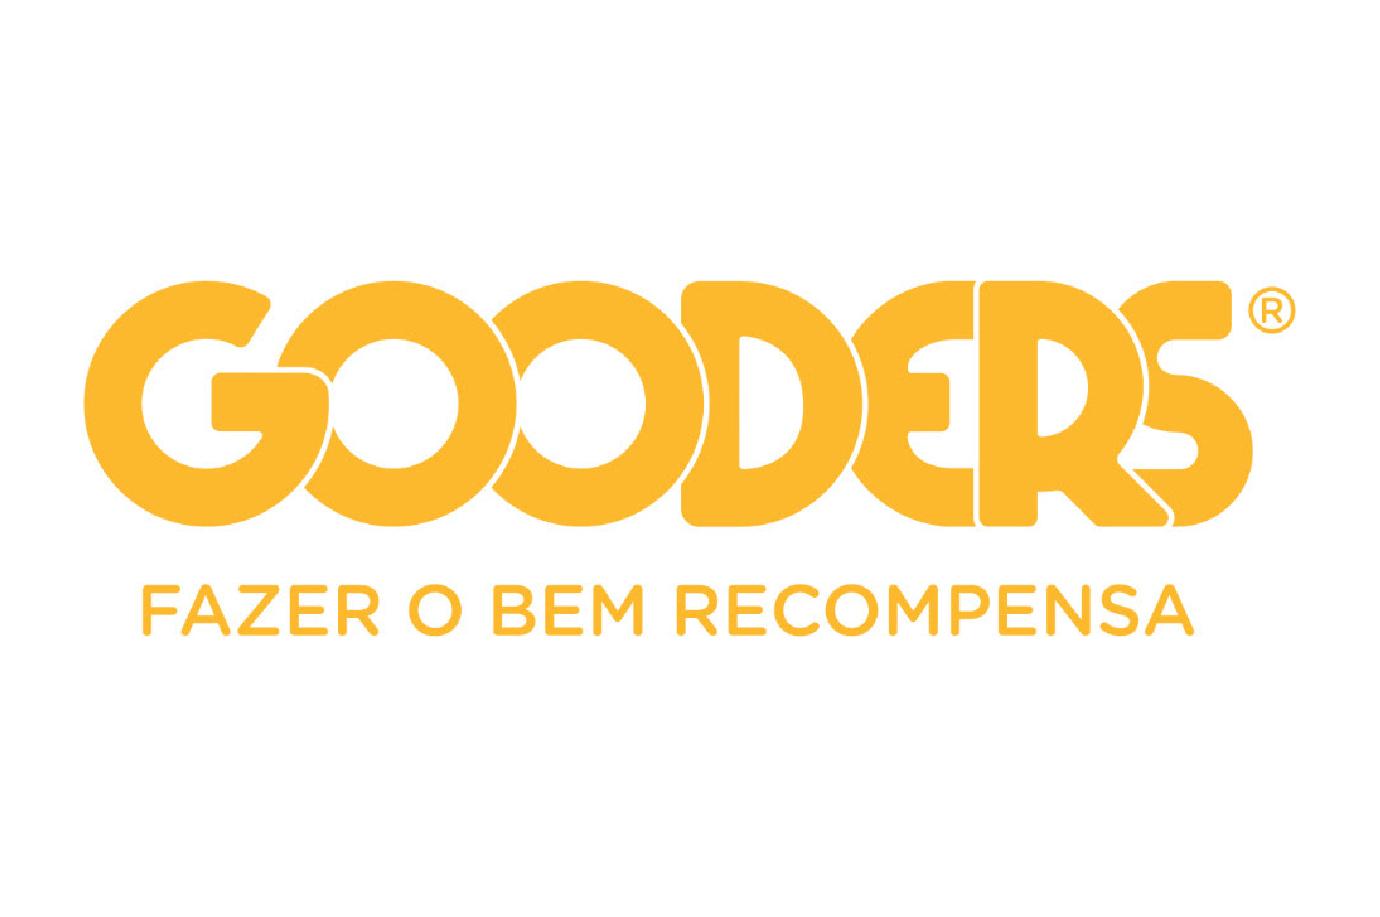 GOOODERS-66